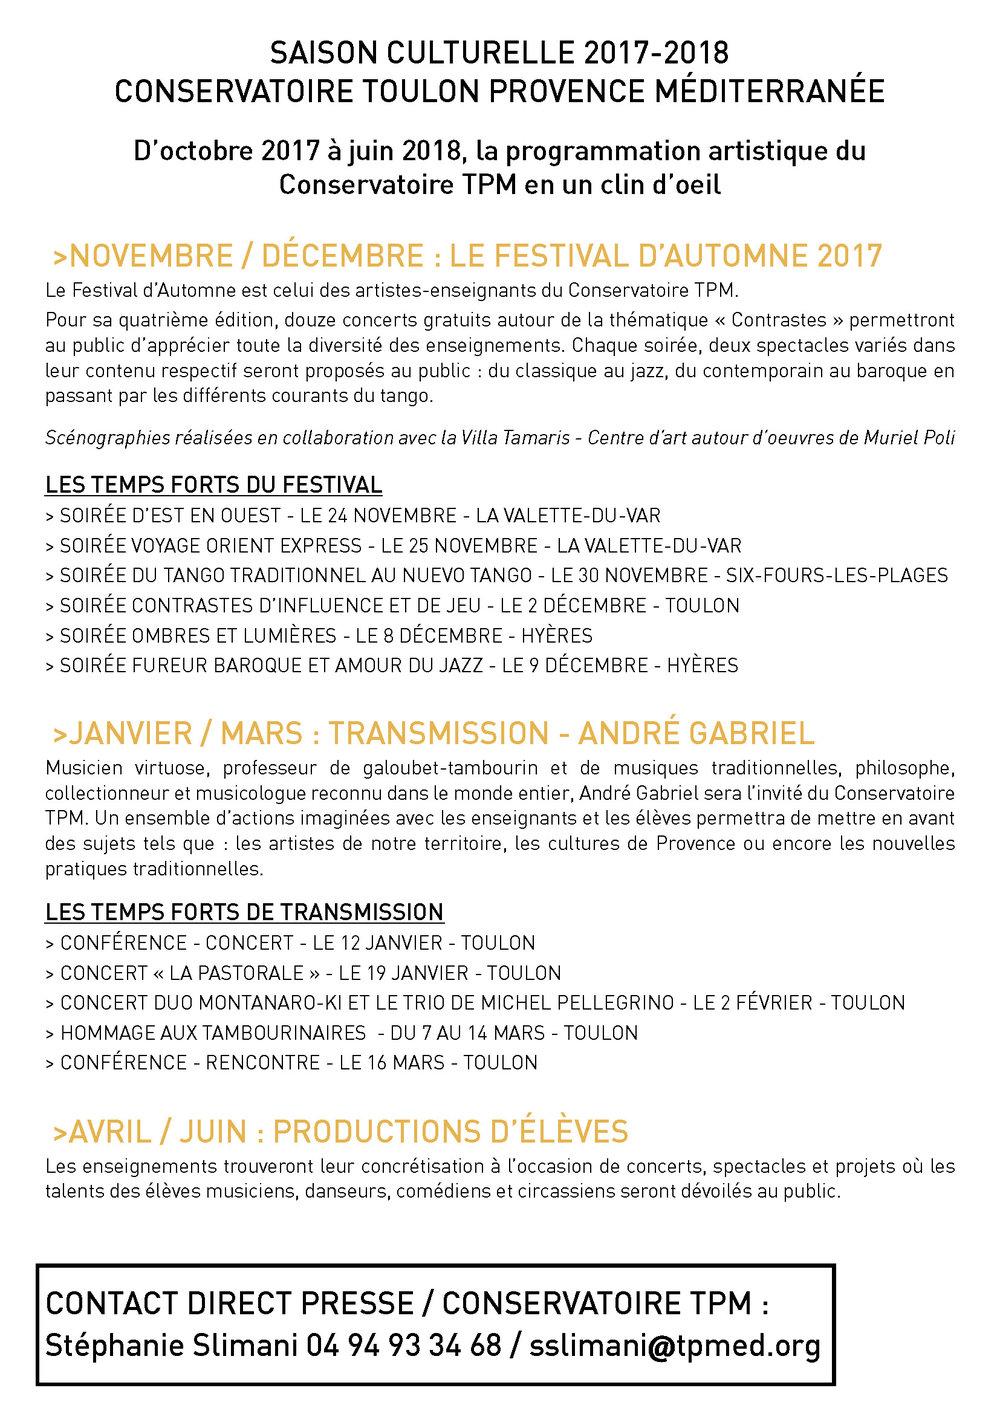 programme_conservatoire_tpm_saison_2017-2018_Page_02.jpg